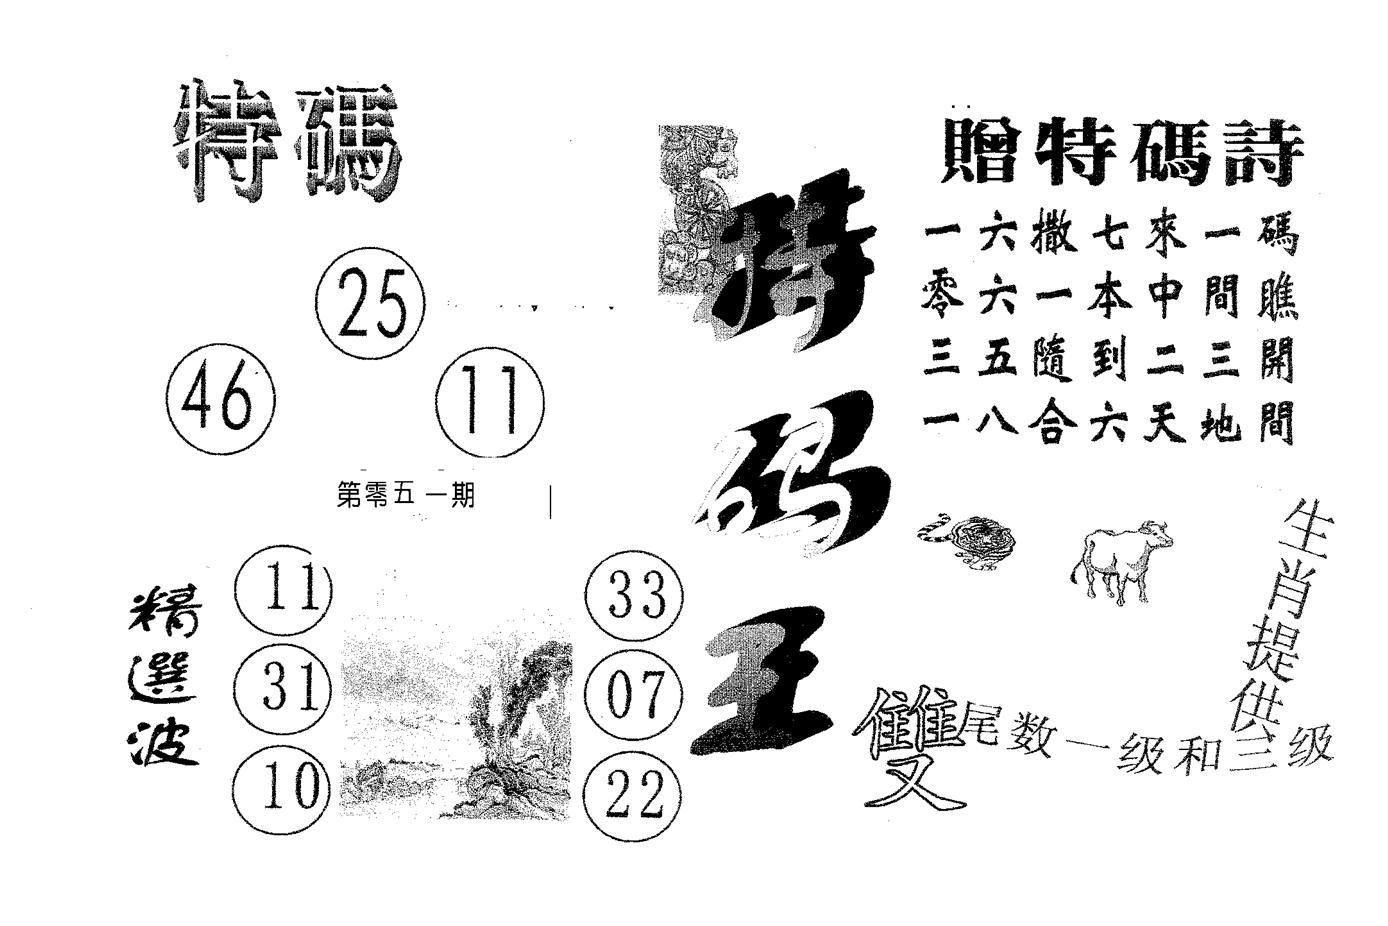 051期特码王B(黑白)